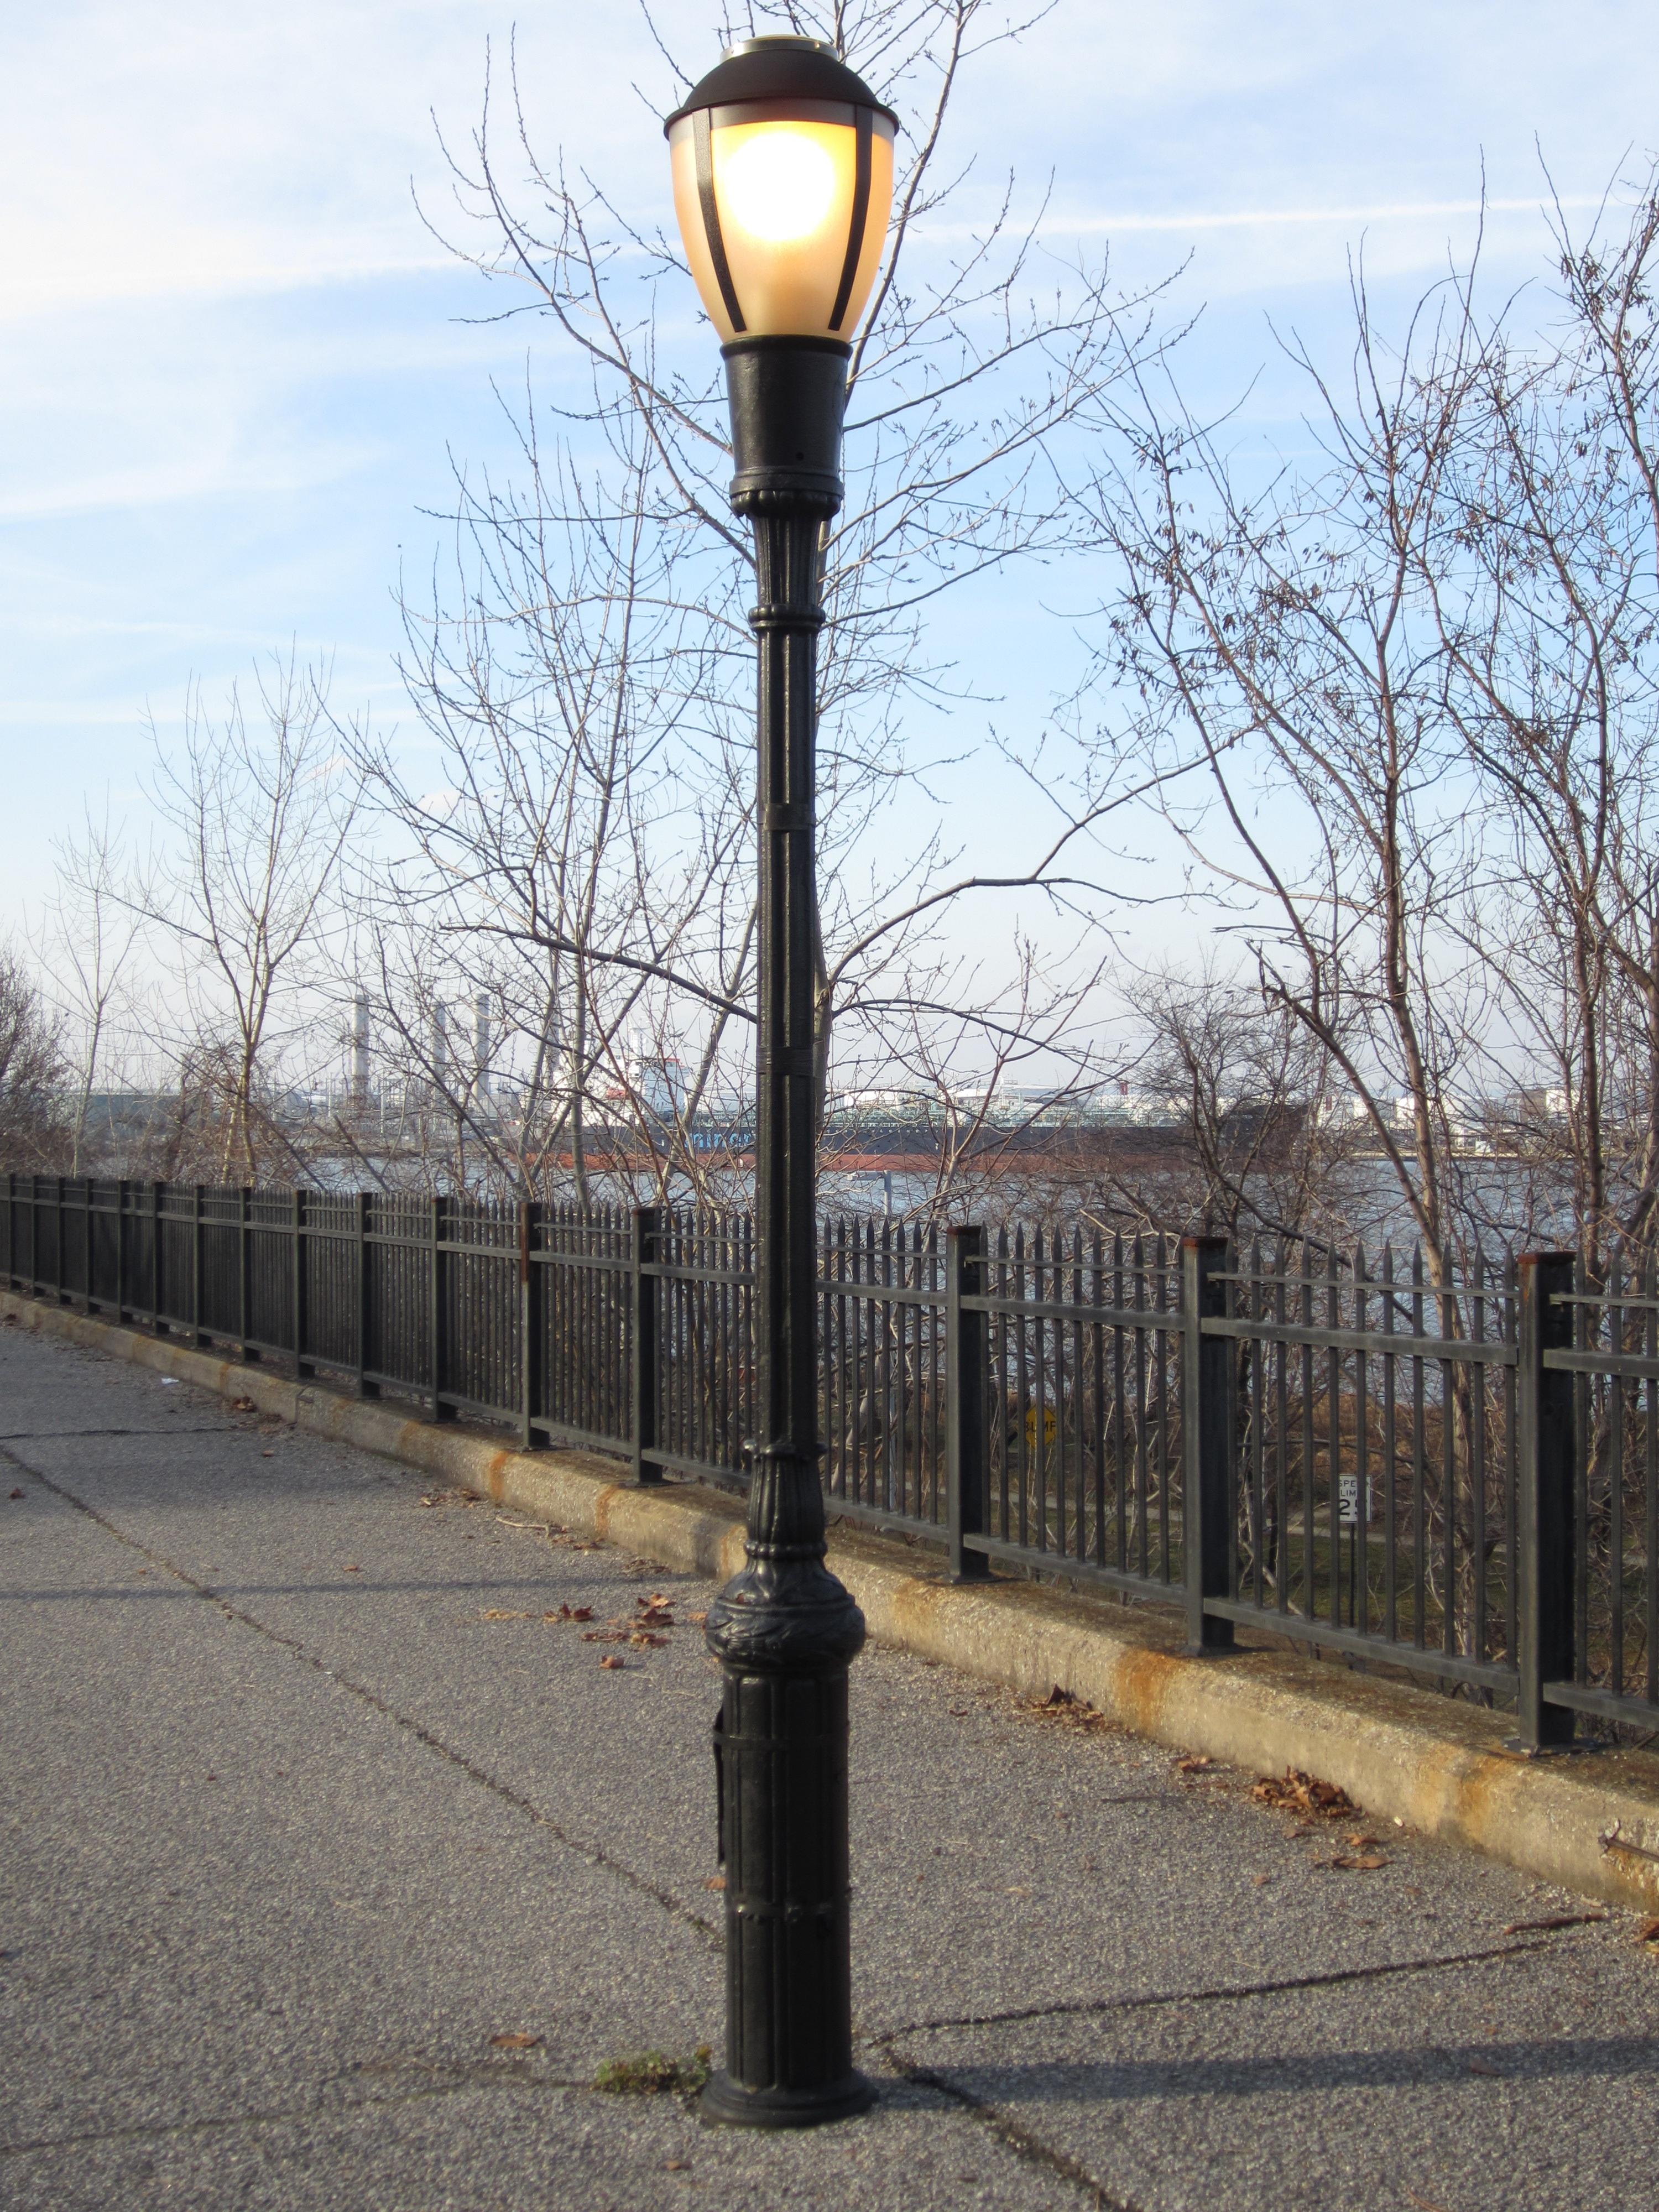 무료 이미지 : 빛, 게시하다, 거리, 포도 수확, 보도, 늙은, 뉴욕 ...